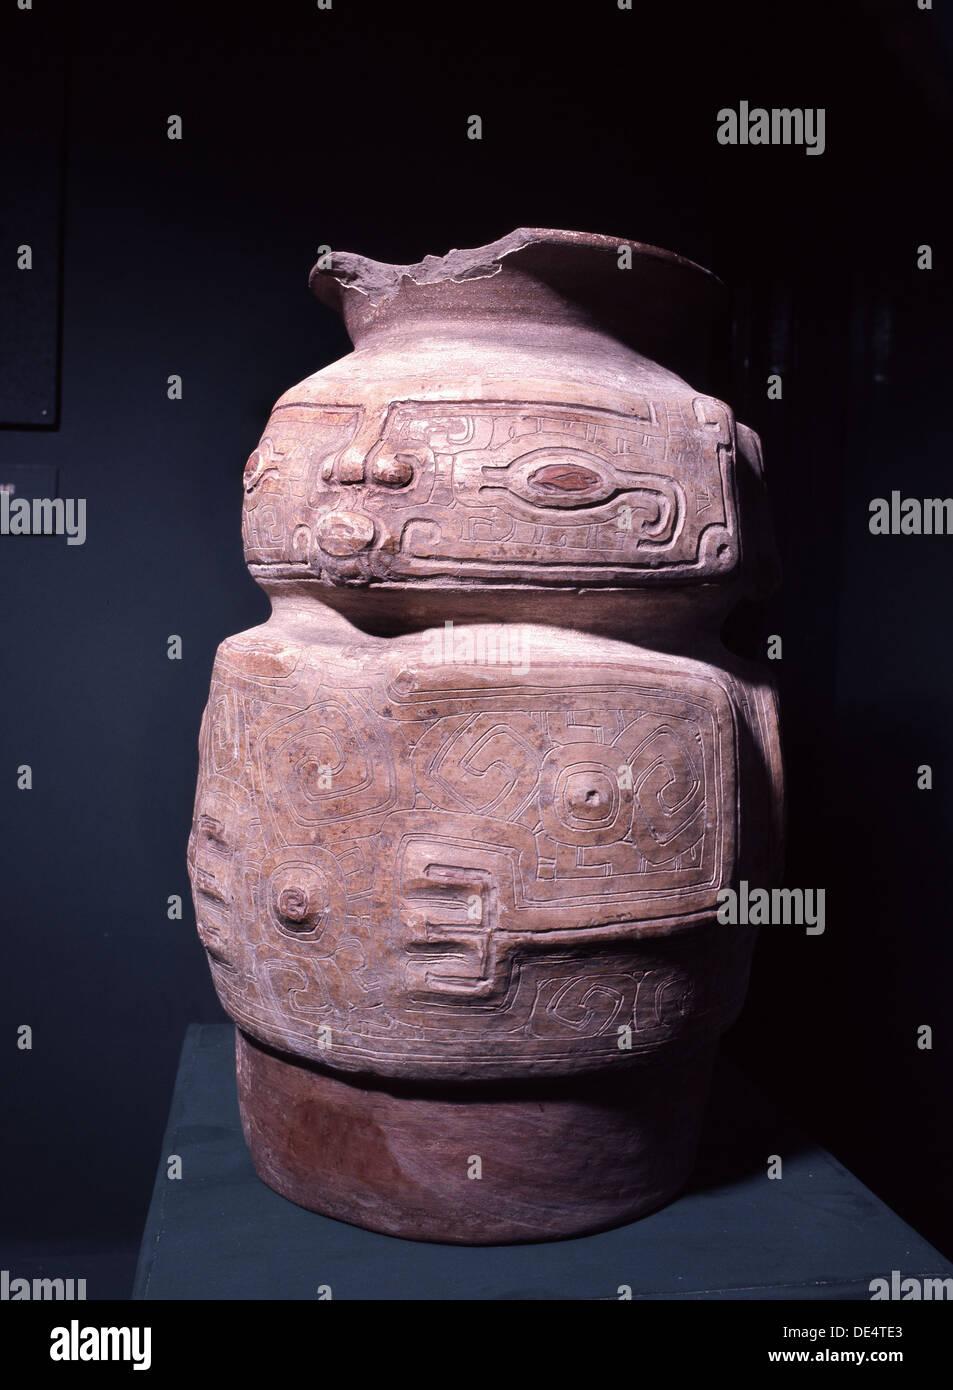 Anthropomorphic funerary urn. - Stock Image